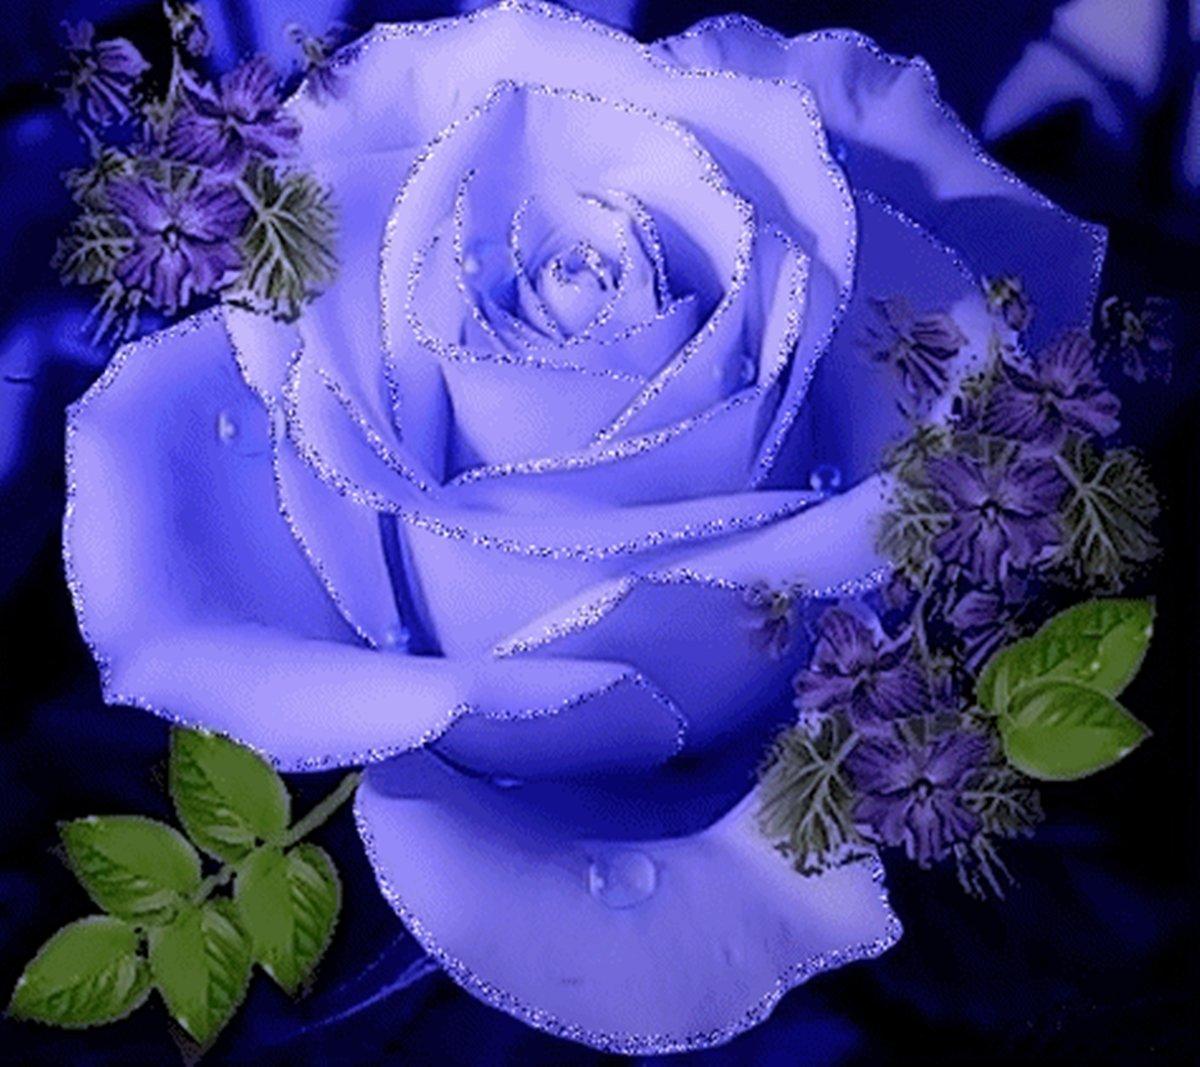 Розы анимашки блестяшки очень, день свадьбы квиллинг